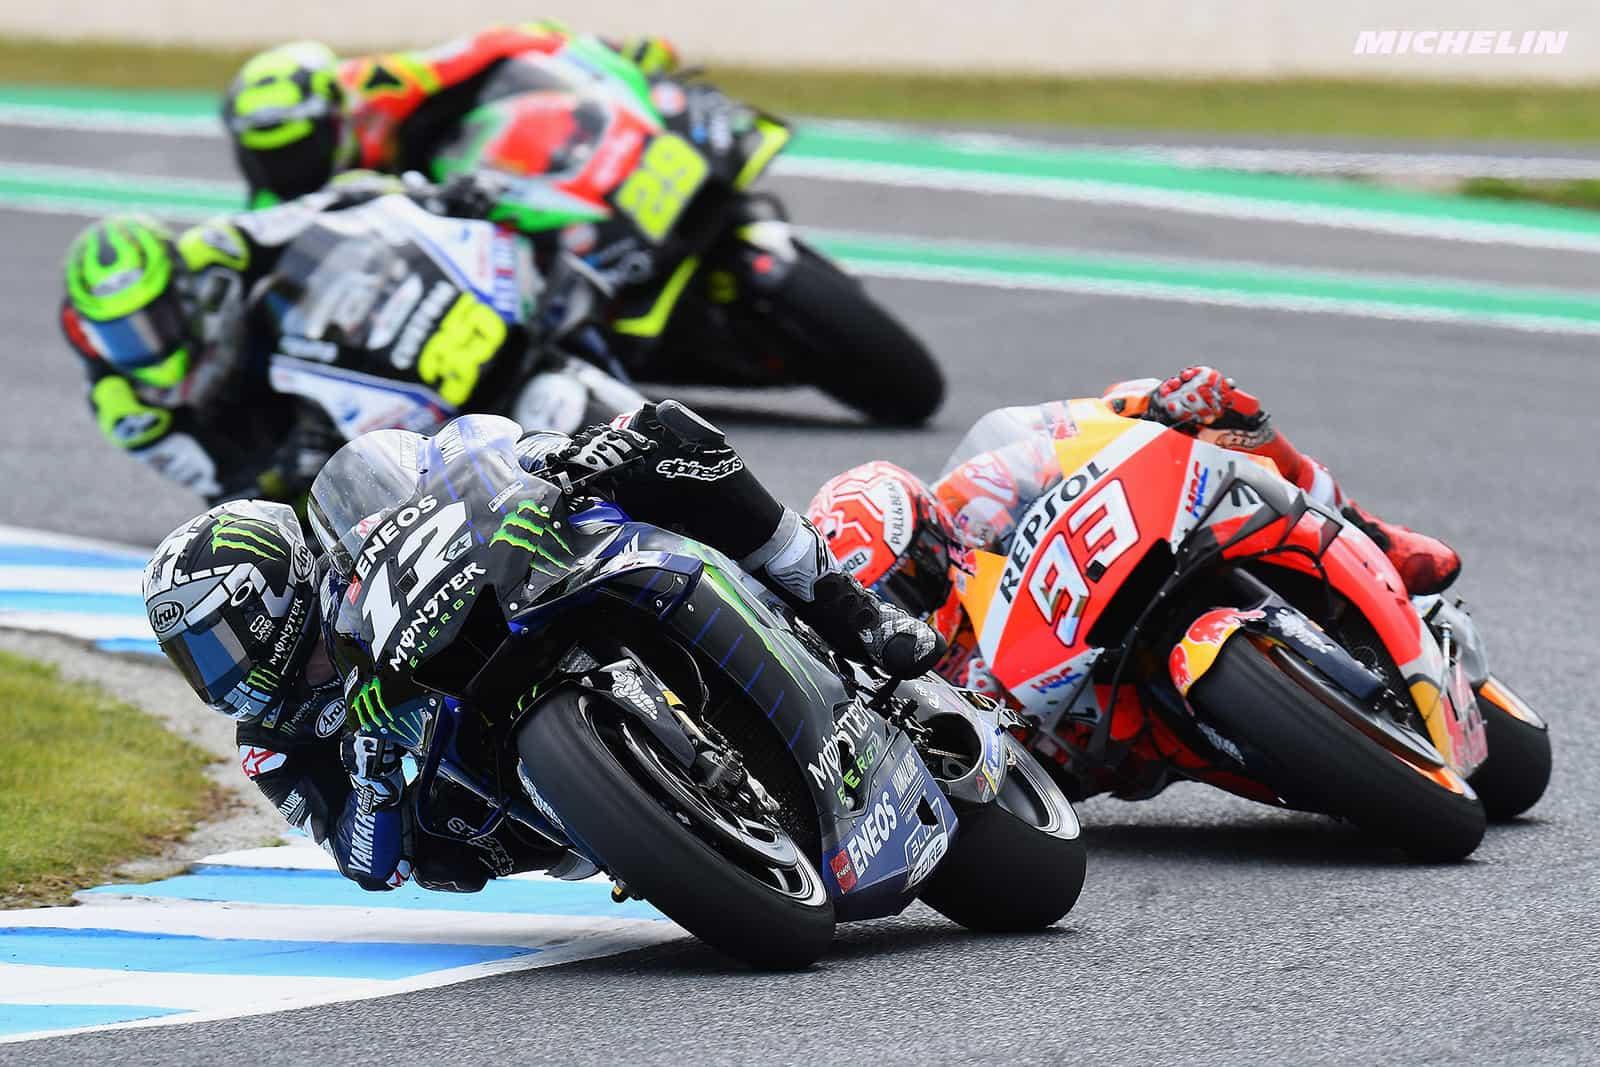 MotoGP2019マレーシアGP ビニャーレス「マレーシアでも優勝争いする準備は出来ている」